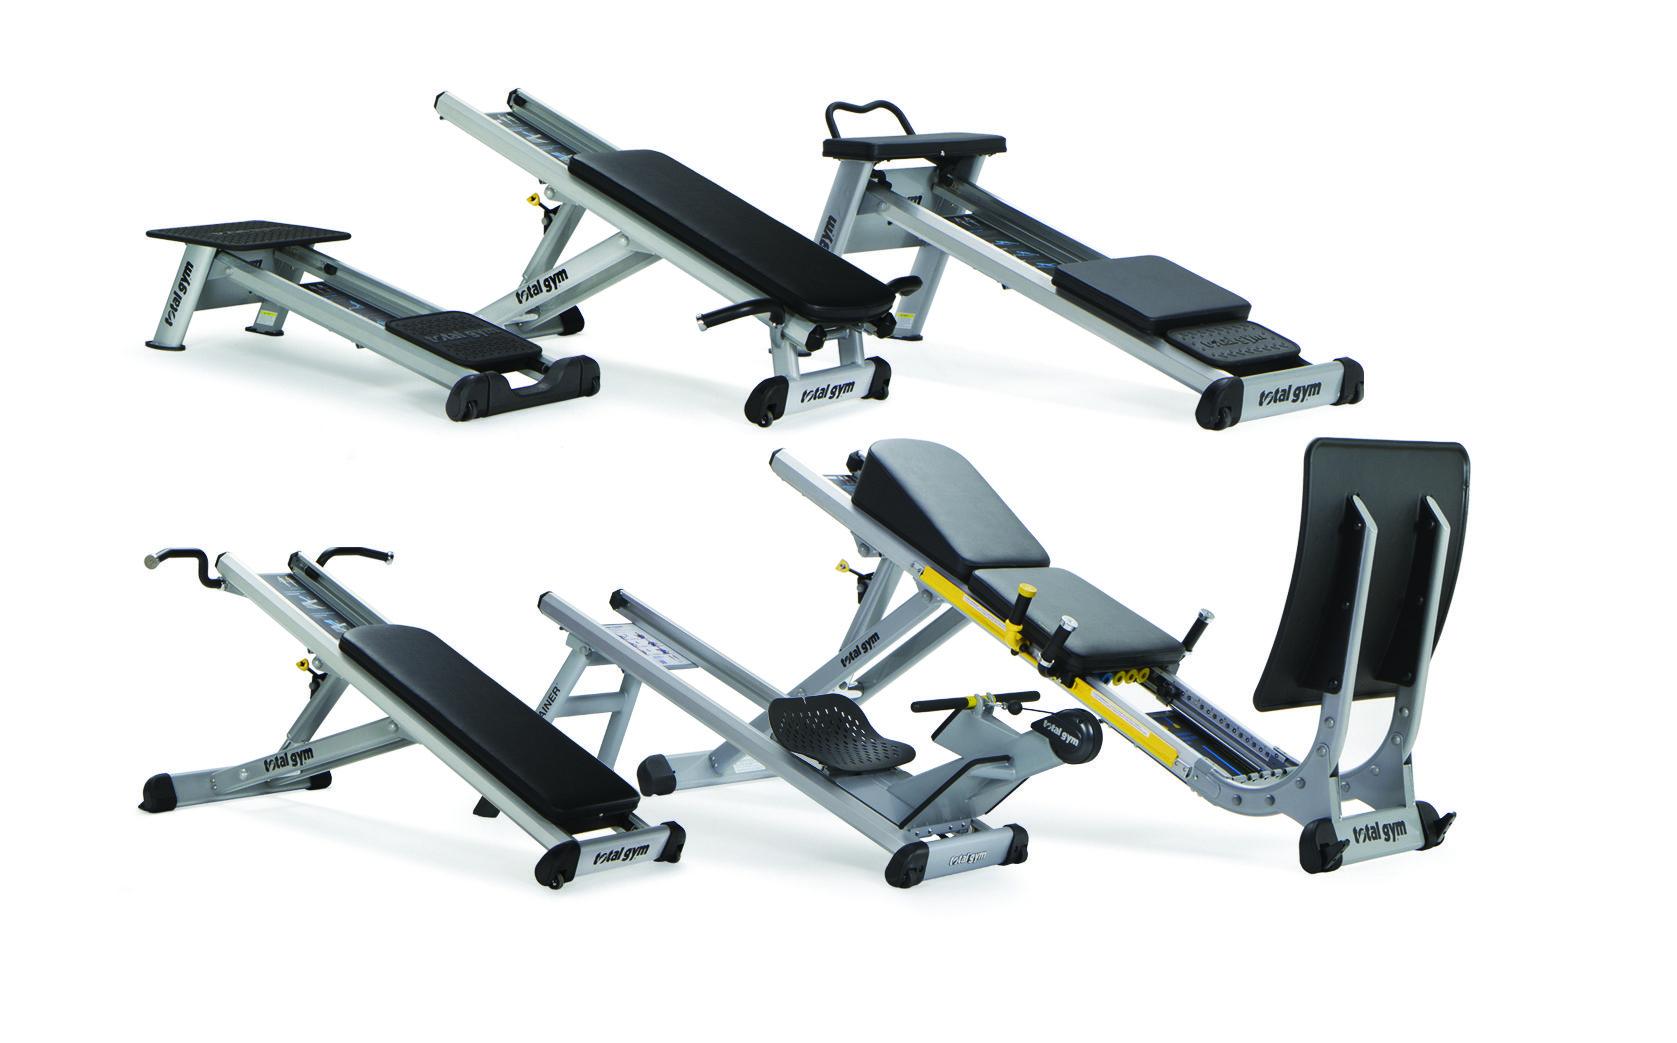 Circuito Gym : Circuito metabólico mundo nutrición programas de entrenamiento